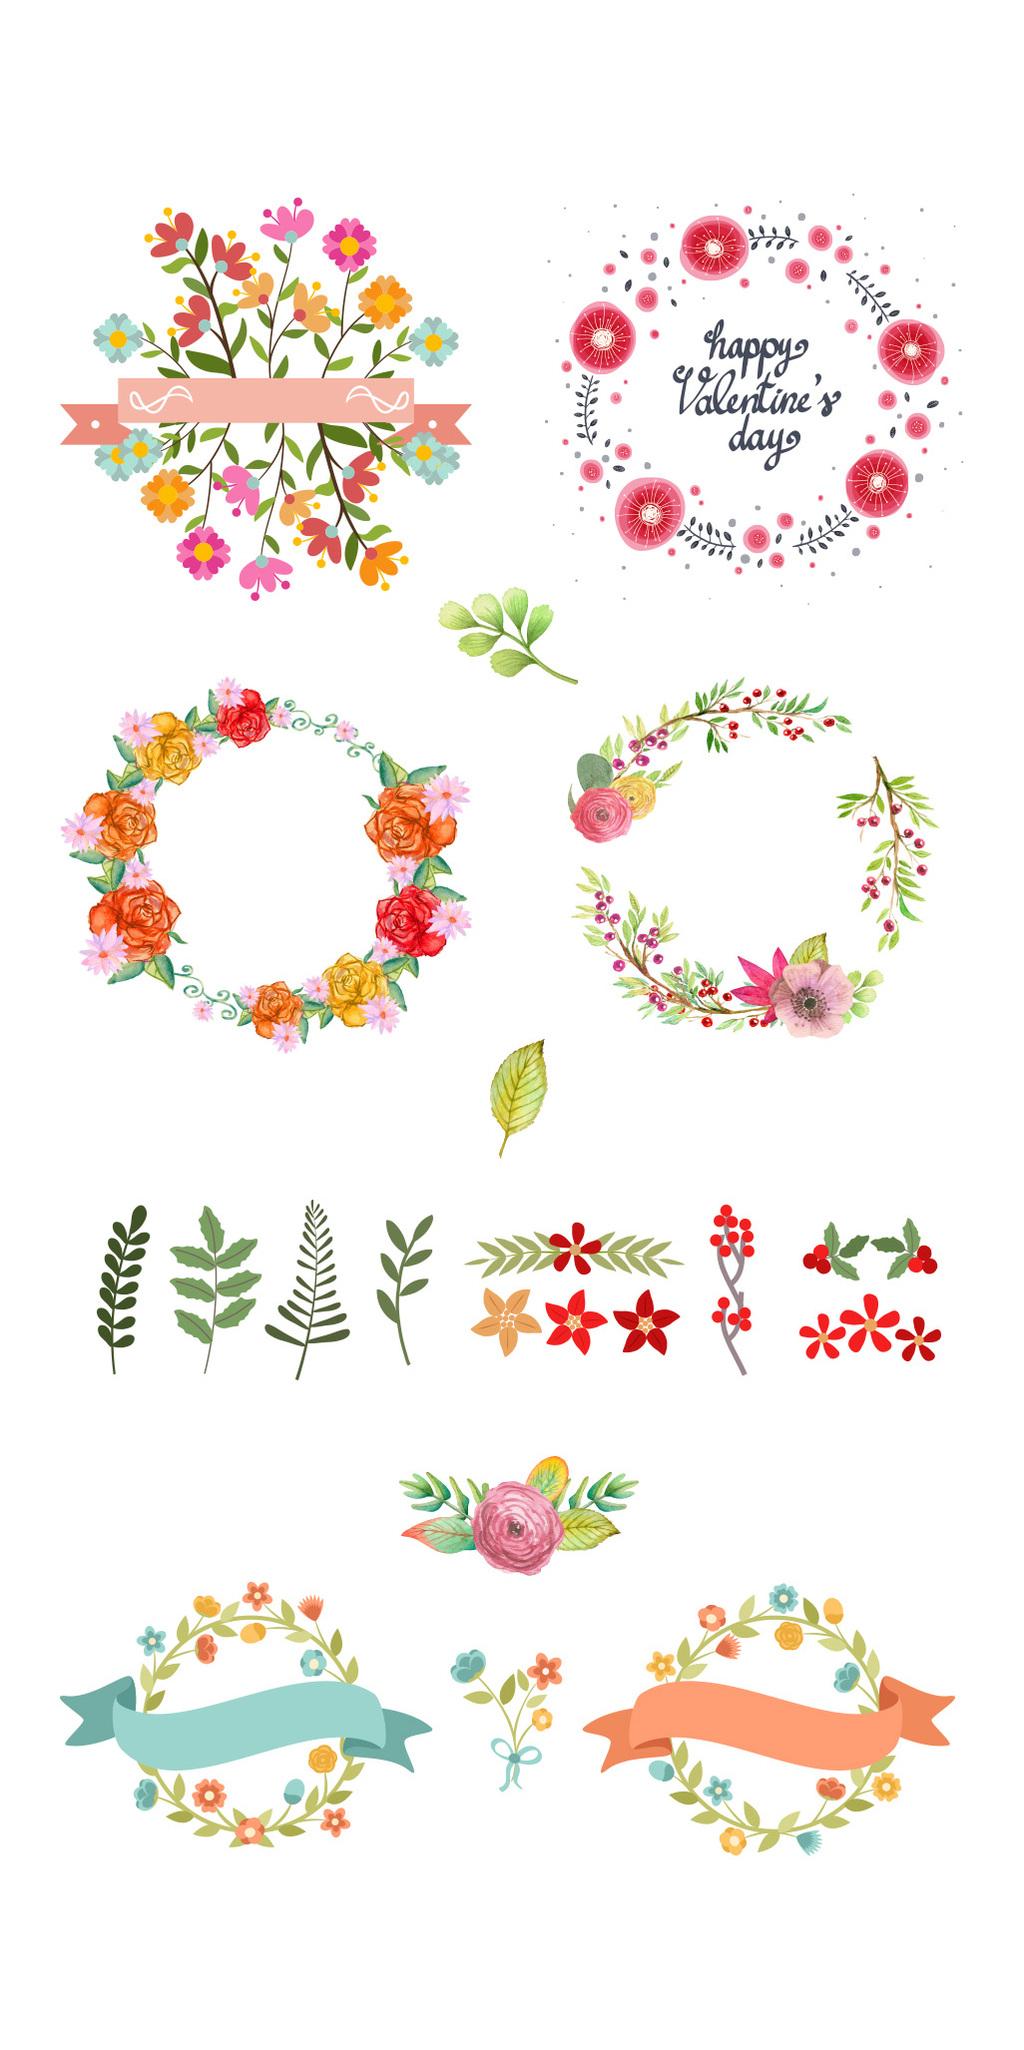 清新文艺手绘花卉花边淘宝素材